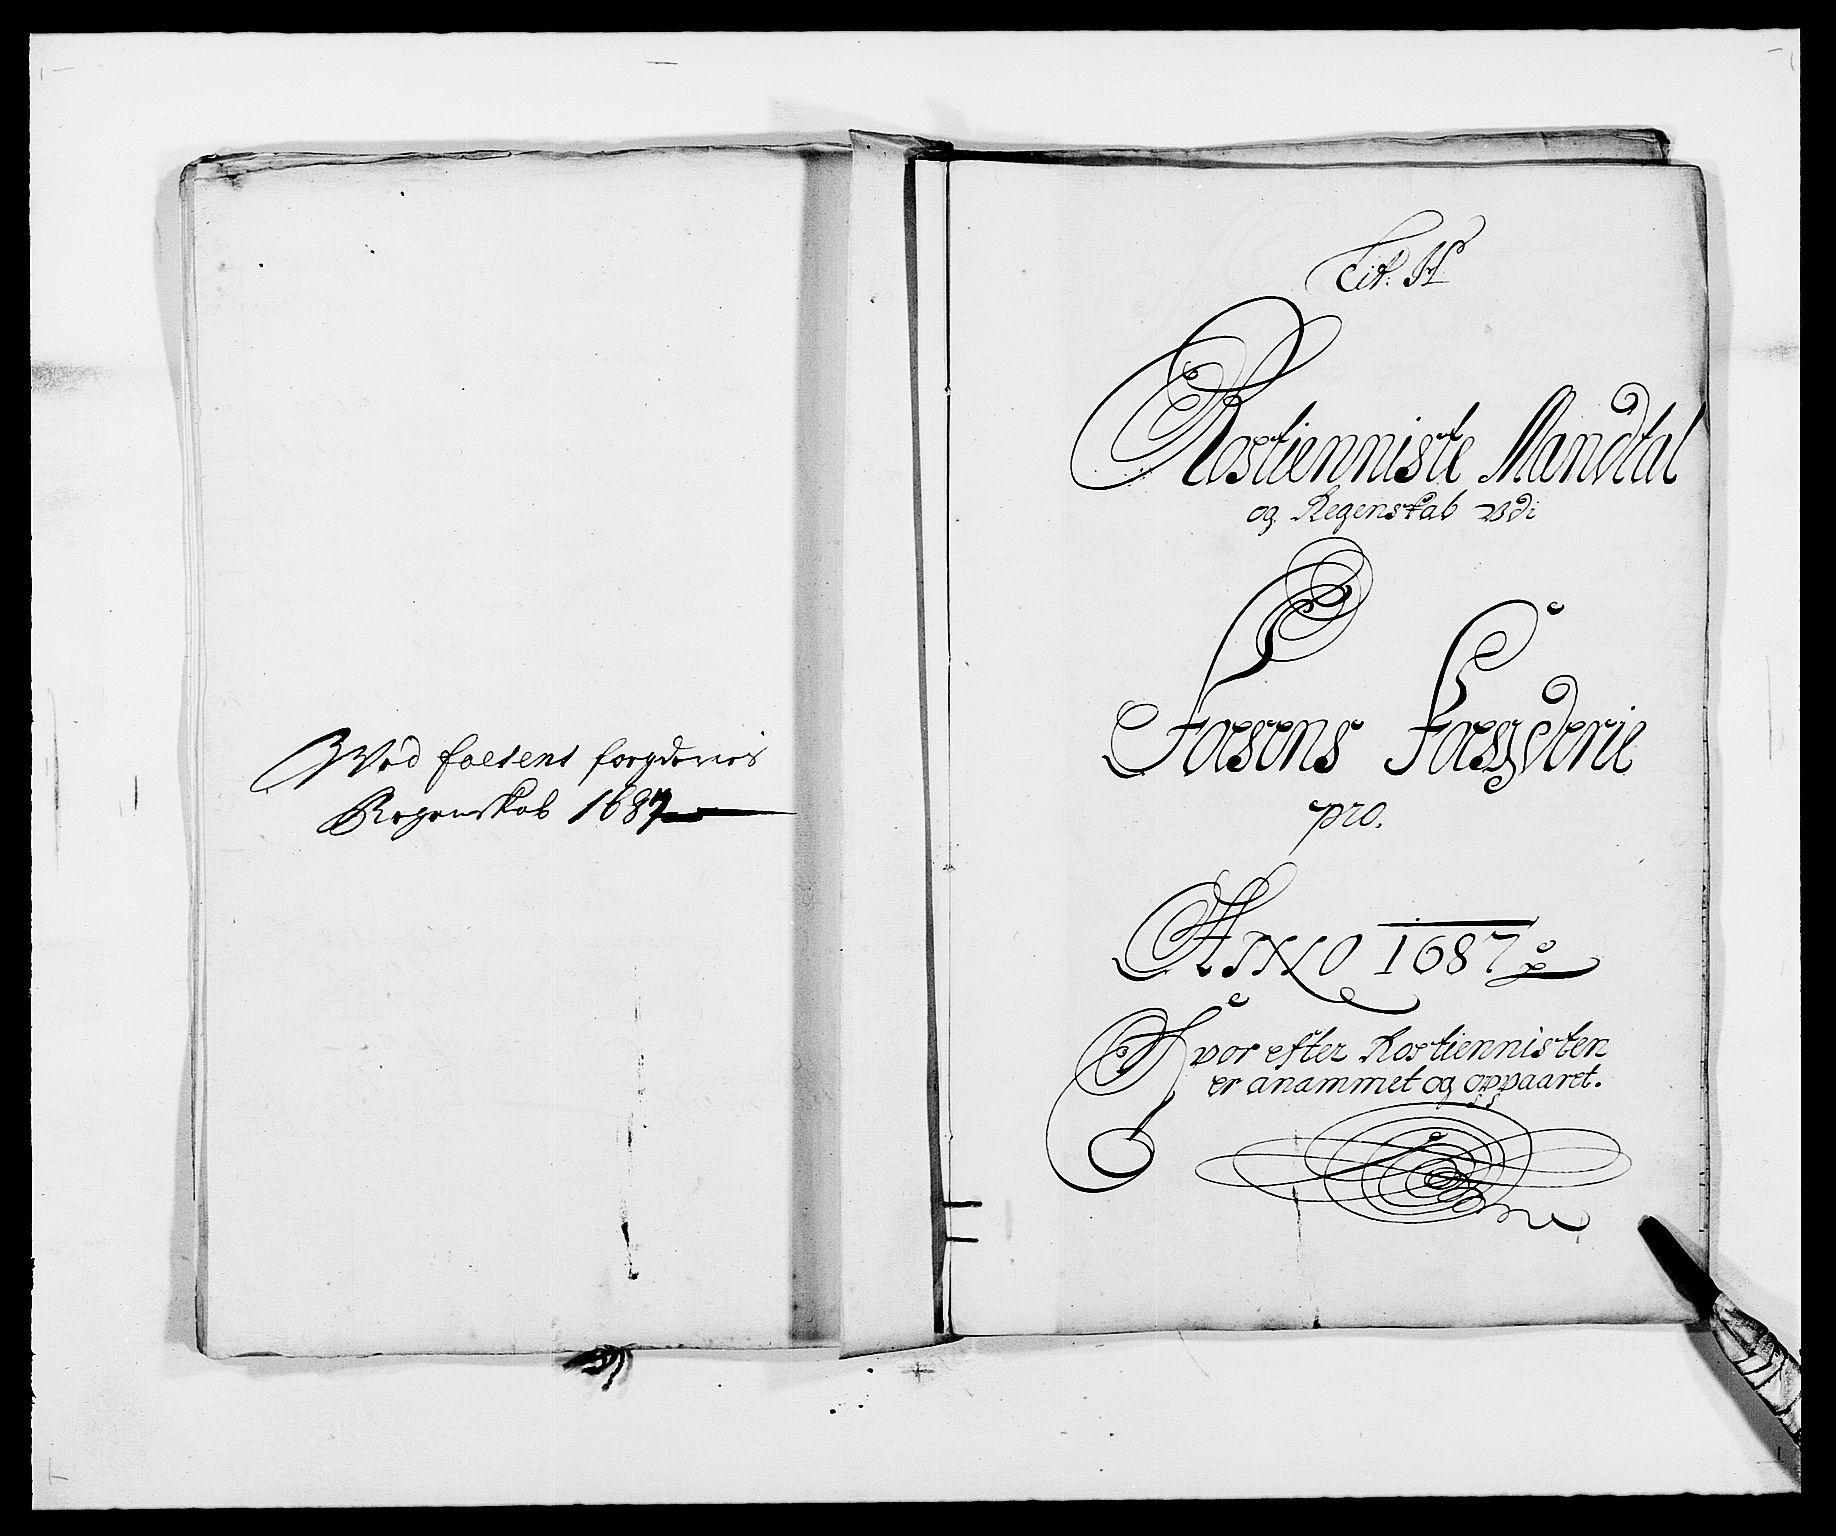 RA, Rentekammeret inntil 1814, Reviderte regnskaper, Fogderegnskap, R57/L3845: Fogderegnskap Fosen, 1687, s. 81